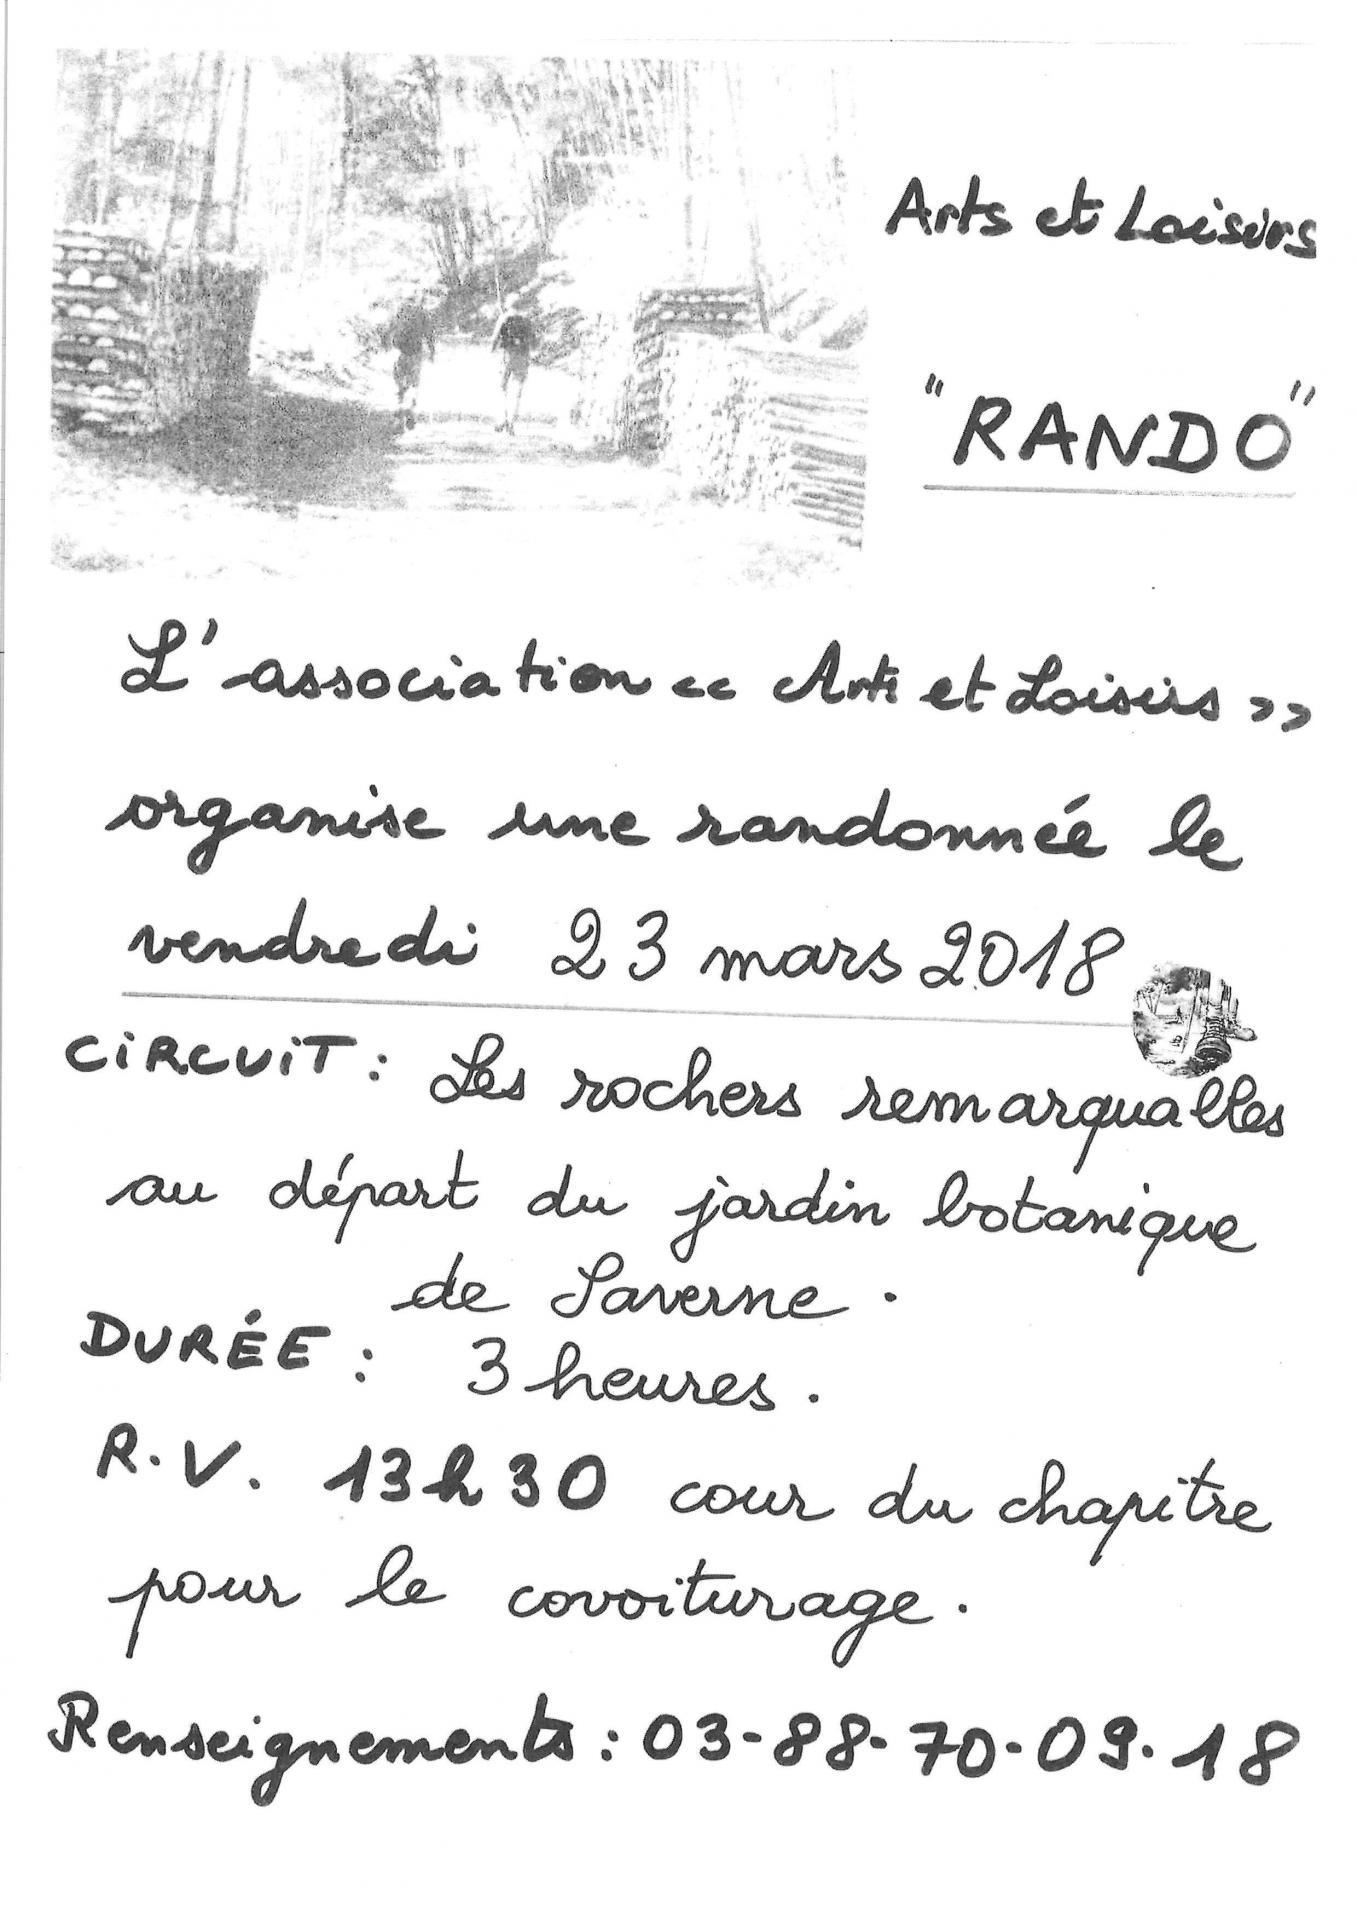 Rando23 03 18